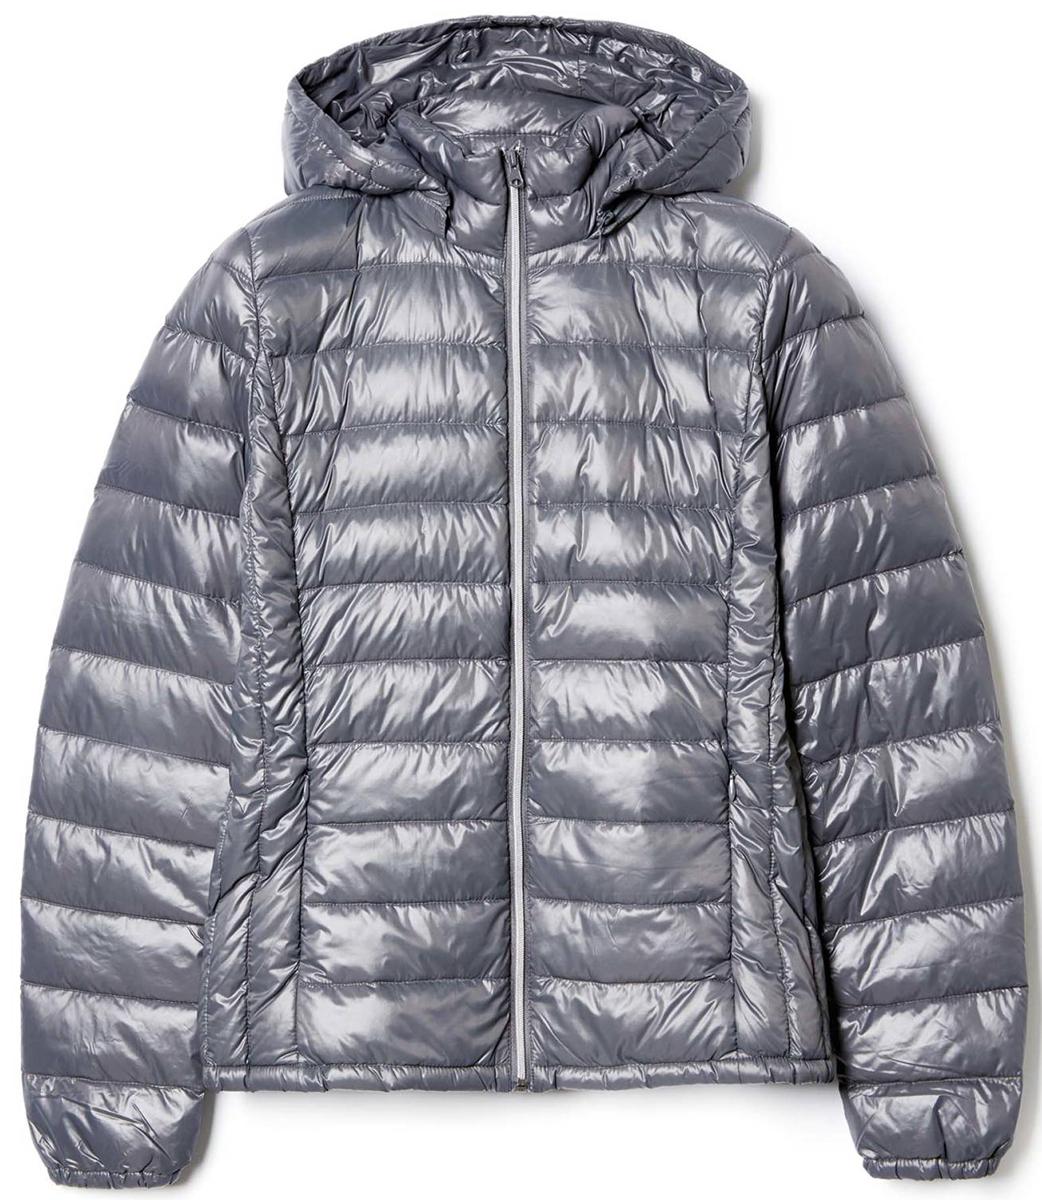 Куртка женская United Colors of Benetton, цвет: серый. 2RQ4532U4_61V. Размер 42 (44)2RQ4532U4_61VКуртка женская United Colors of Benetton выполнена из полиамида. Модель с капюшоном и длинными рукавами застегивается на застежку-молнию.